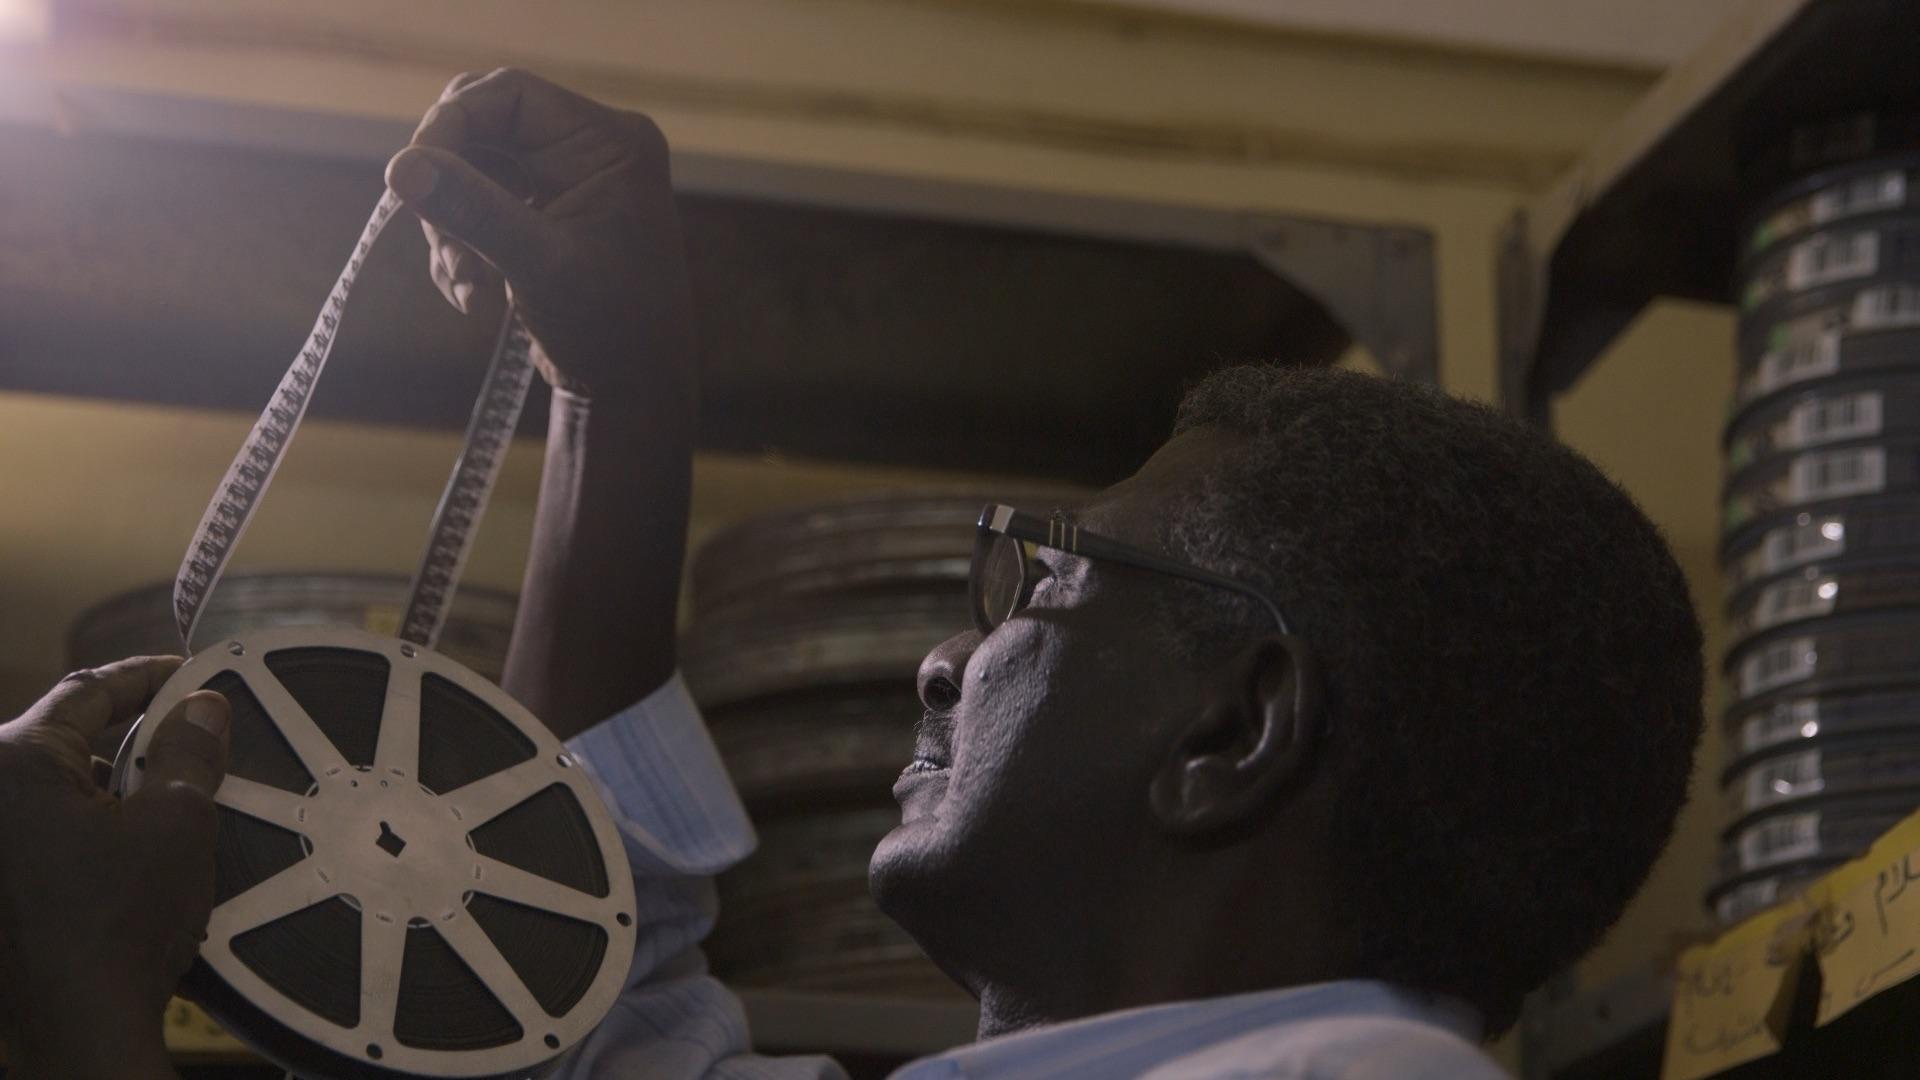 Dem Zauber des Kinos machen beim diesjährigen ALFILM nicht nur die Protagonisten in Talking About Trees alle Ehre. ©ALFILM